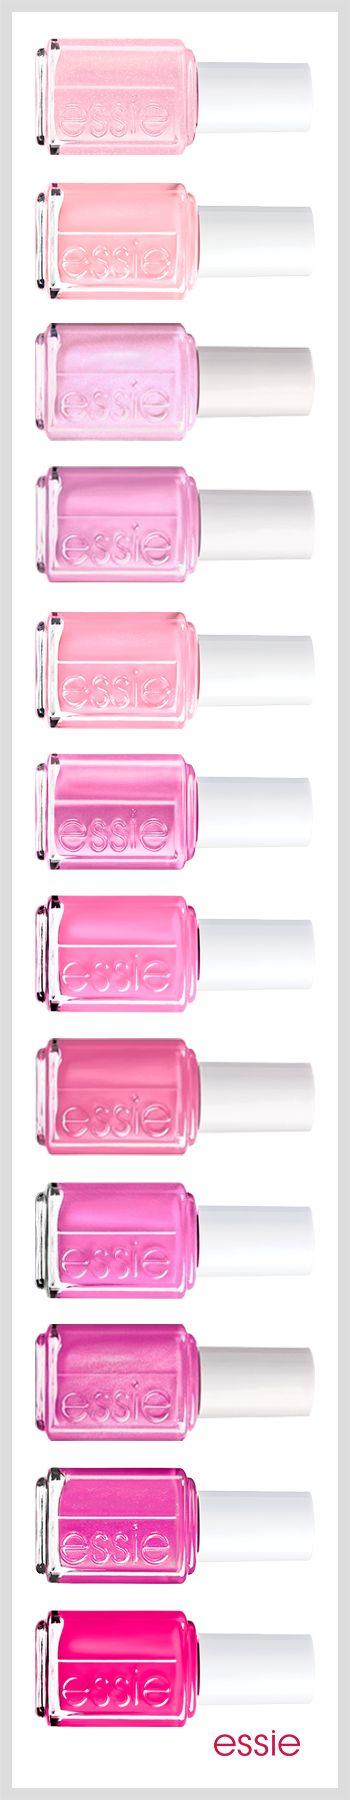 pink essie polishes!